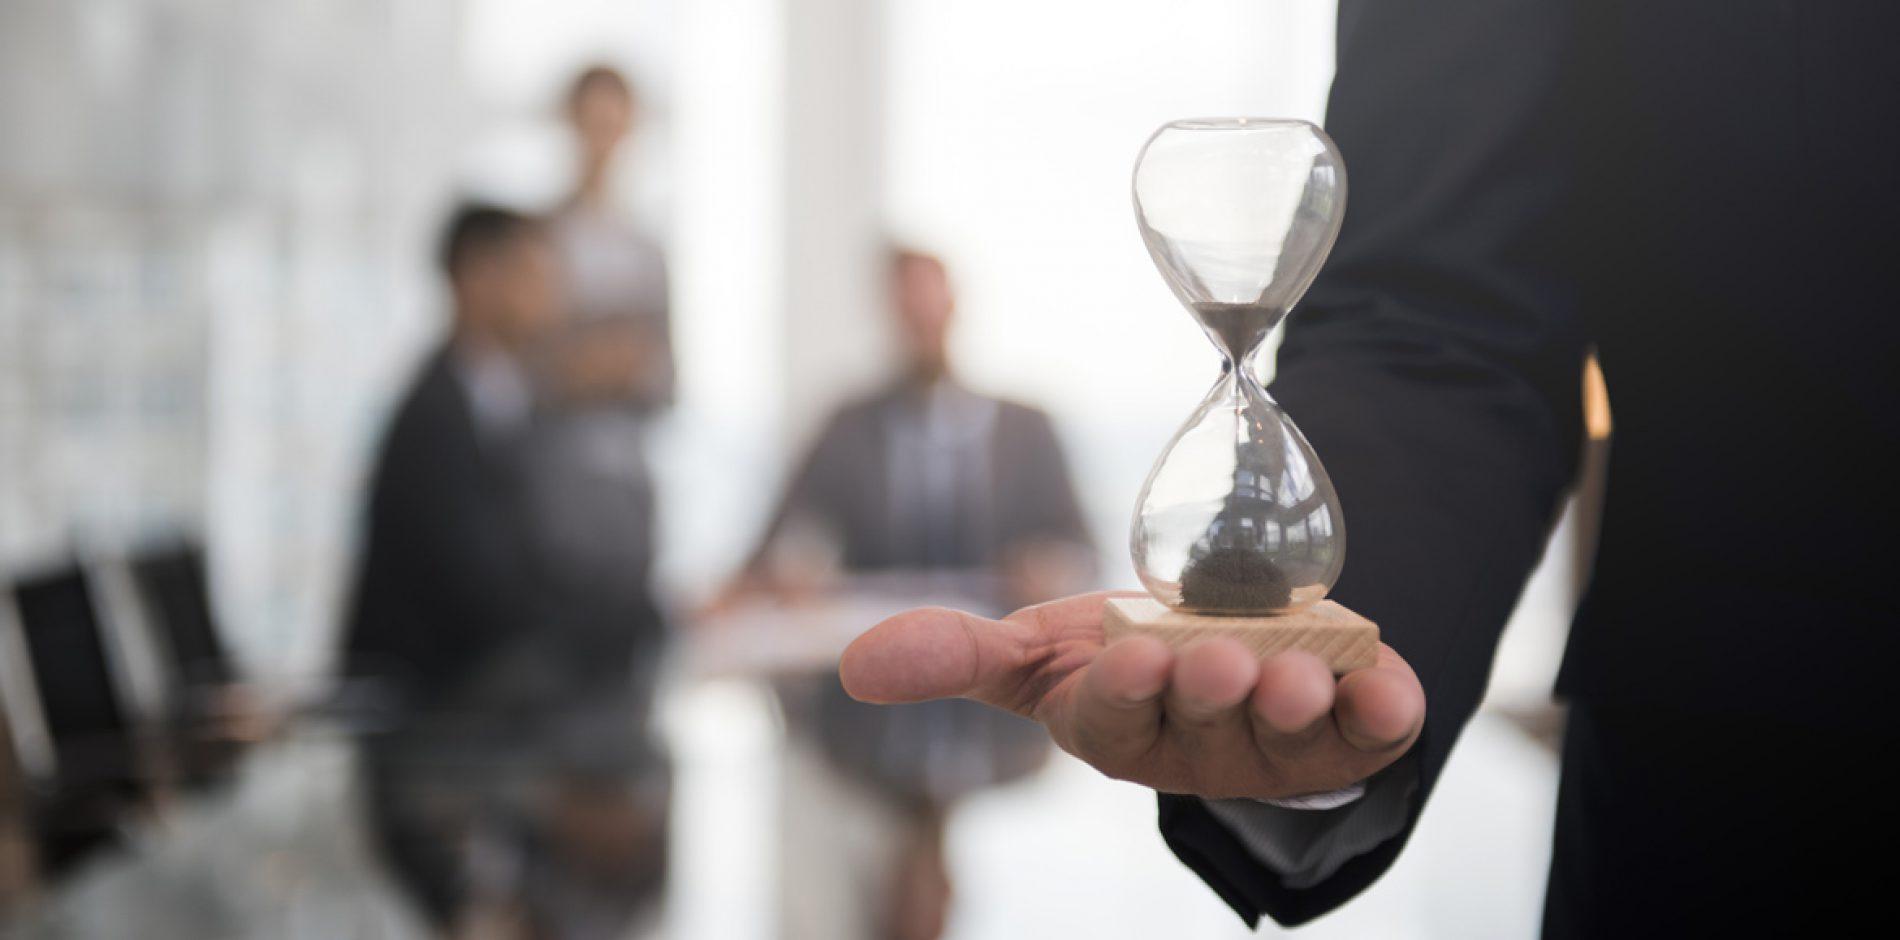 Nuovo contratto a termine oltre il limite massimo: opportunità ed ostacoli [E.Massi]